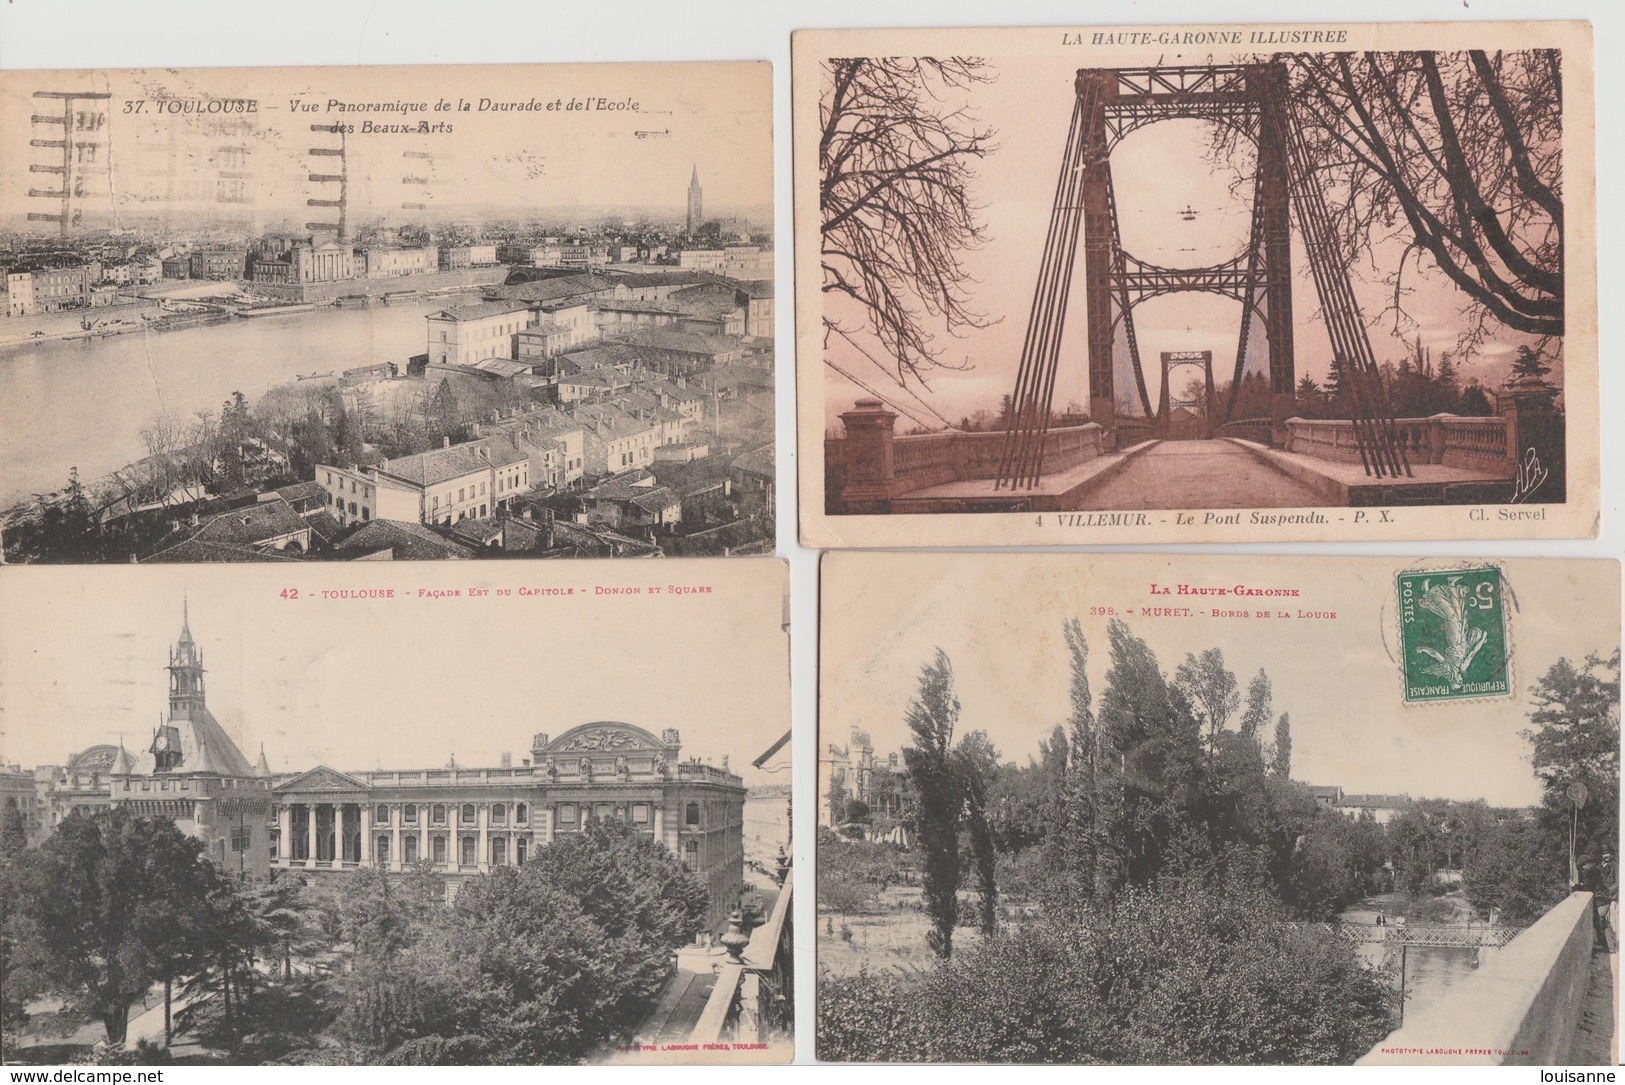 19 / 2 / 111  -  500  CPA / CPSM  DU. DEPT.  31  À  26€,50  +. PORT  ( 8€,80  POUR  LA  FRANCE ) - Cartes Postales